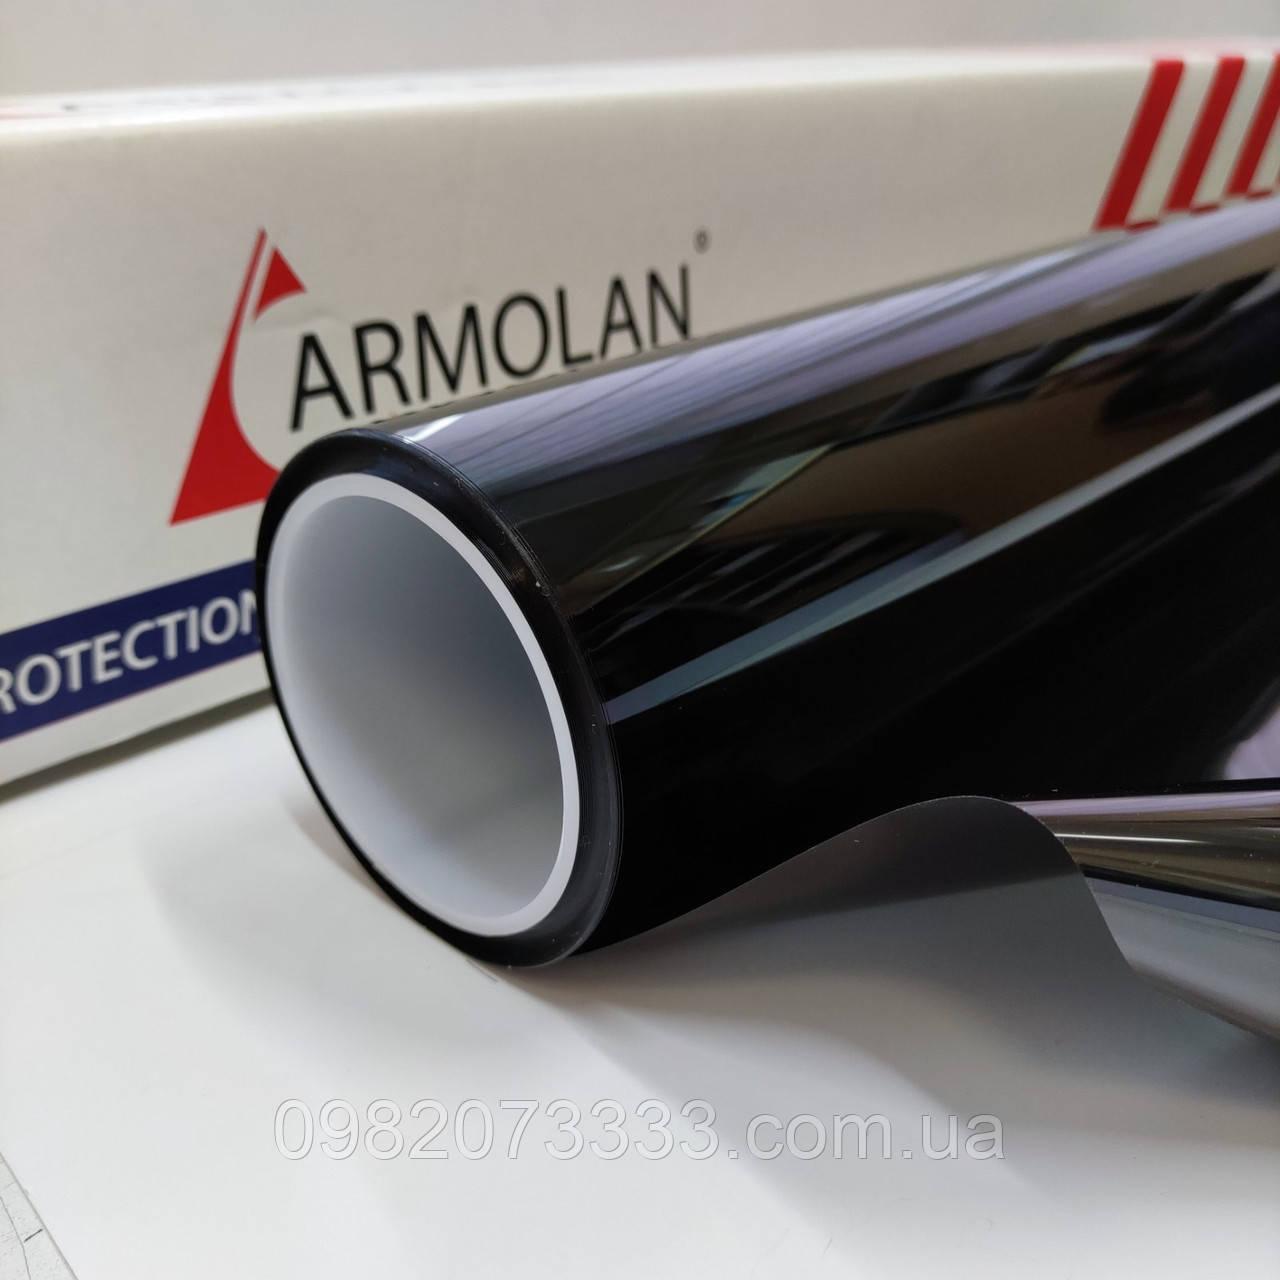 Автомобильная плёнка XAR CH 05 Armolan USA металлизированная для тонировки. Тонування скла авто (цена за кв.м)